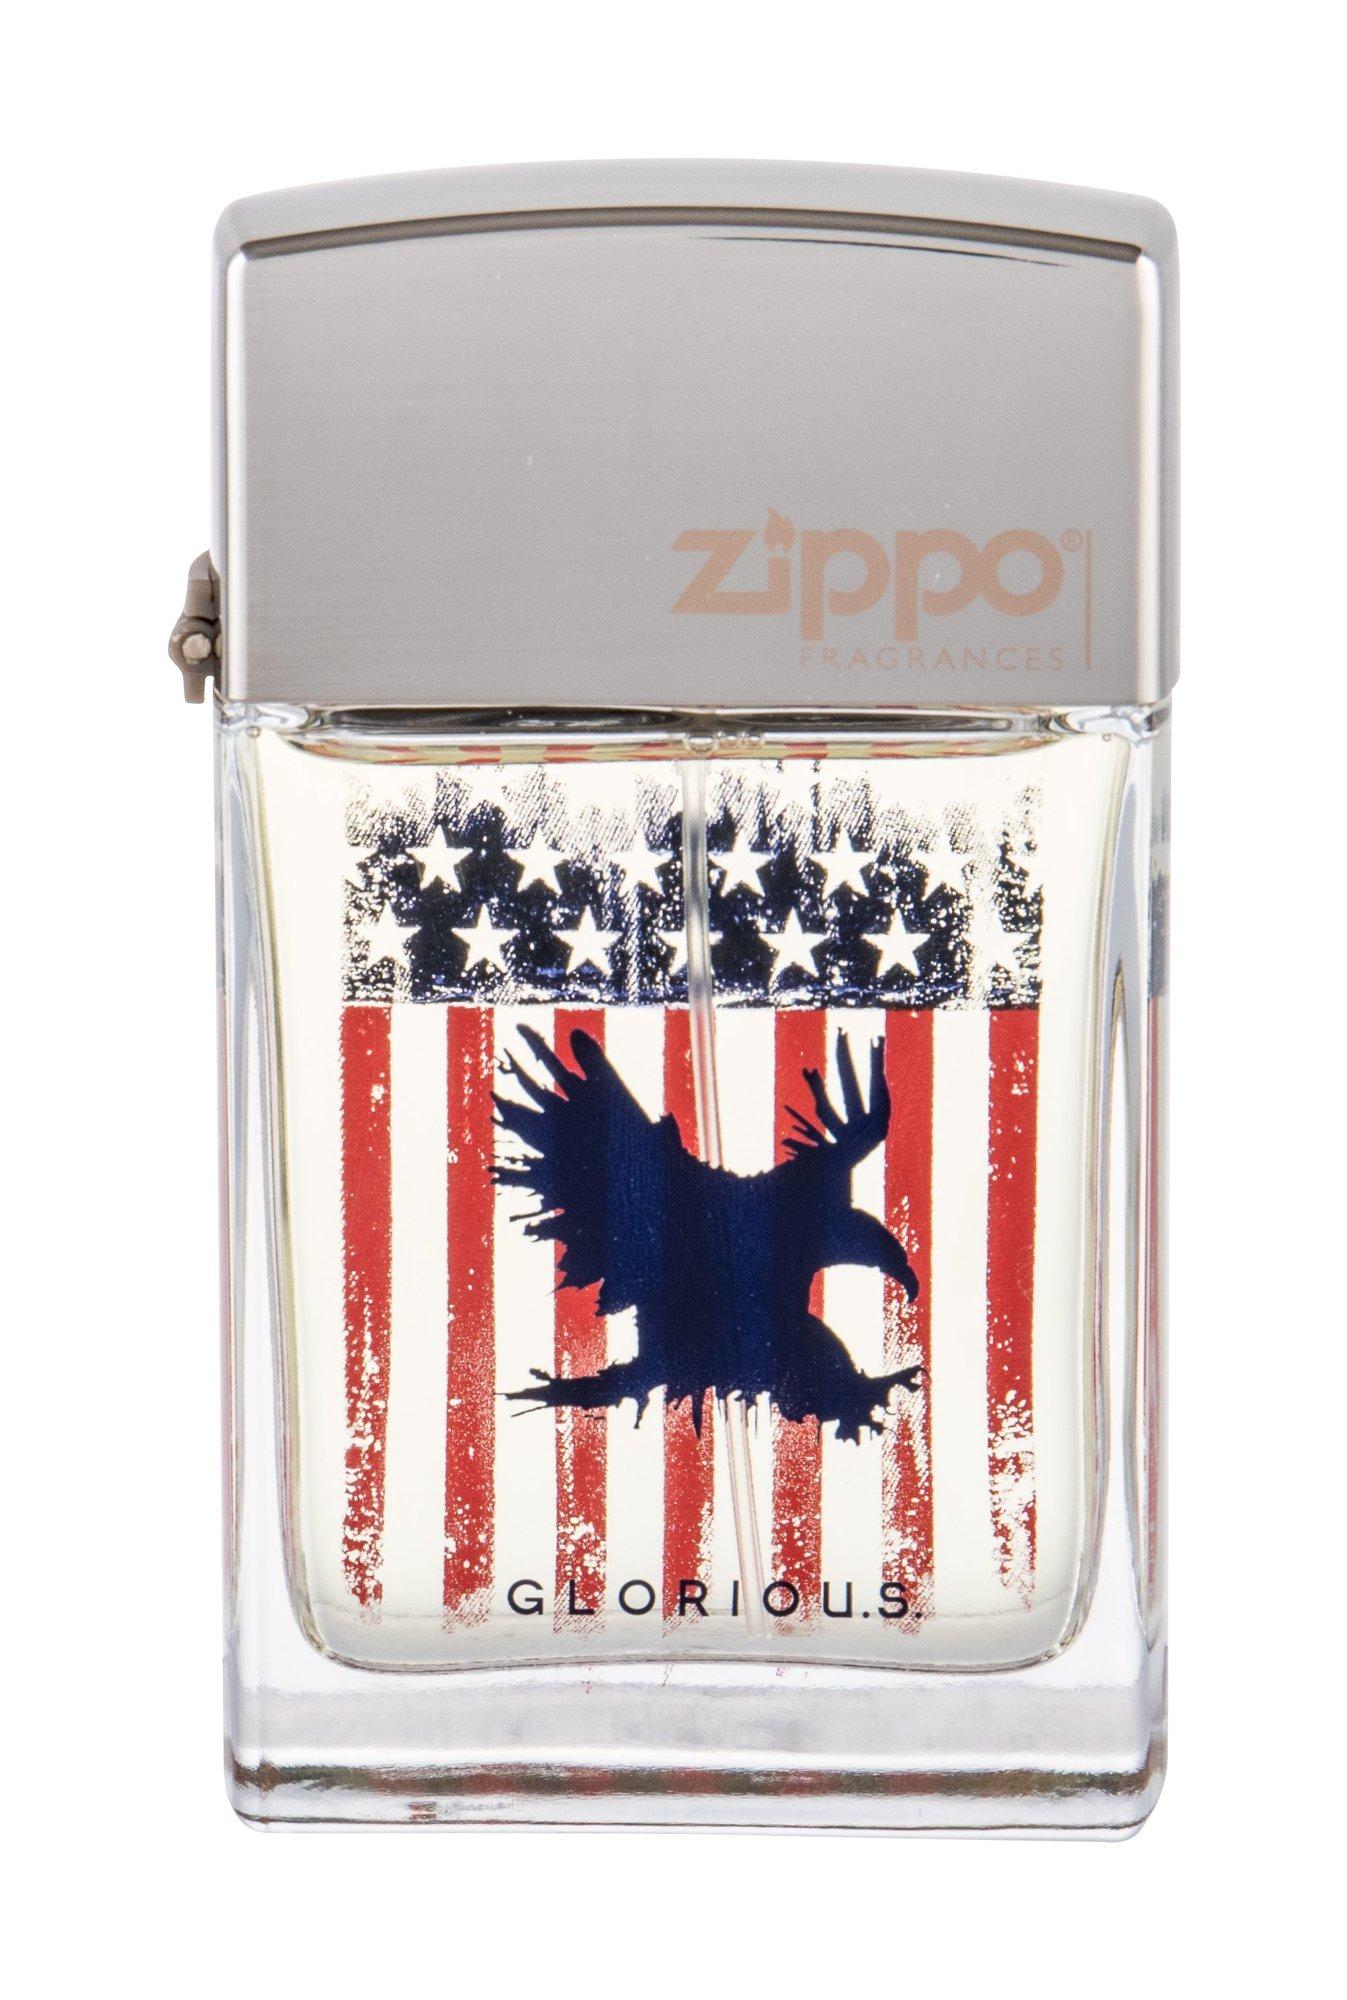 Zippo Fragrances Gloriou.s. (M)